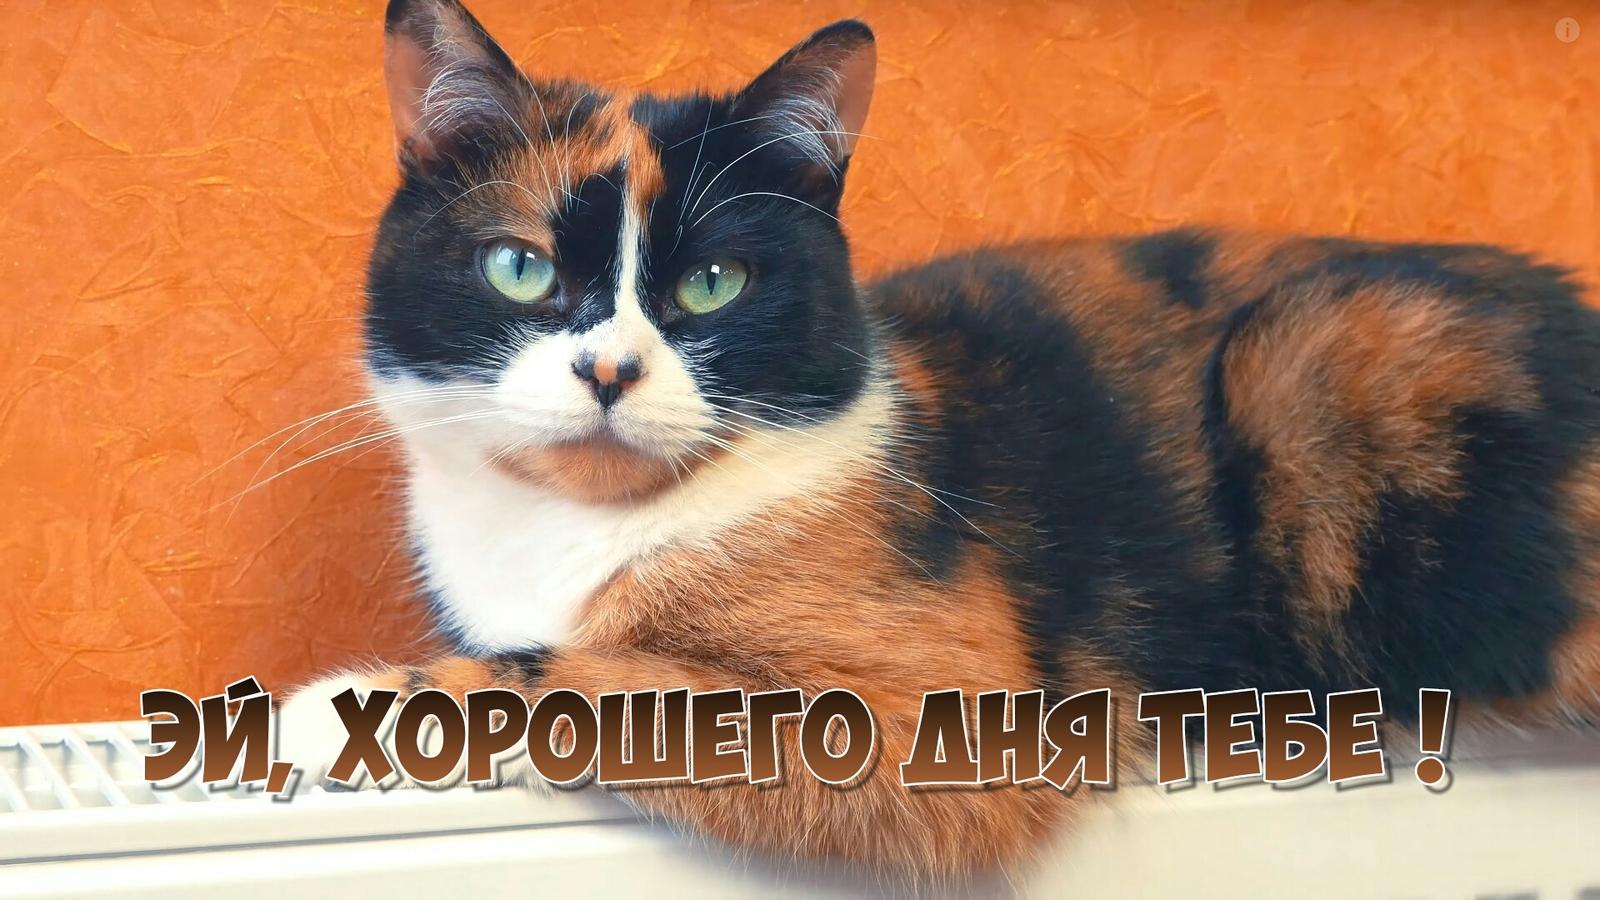 картинки куки кот